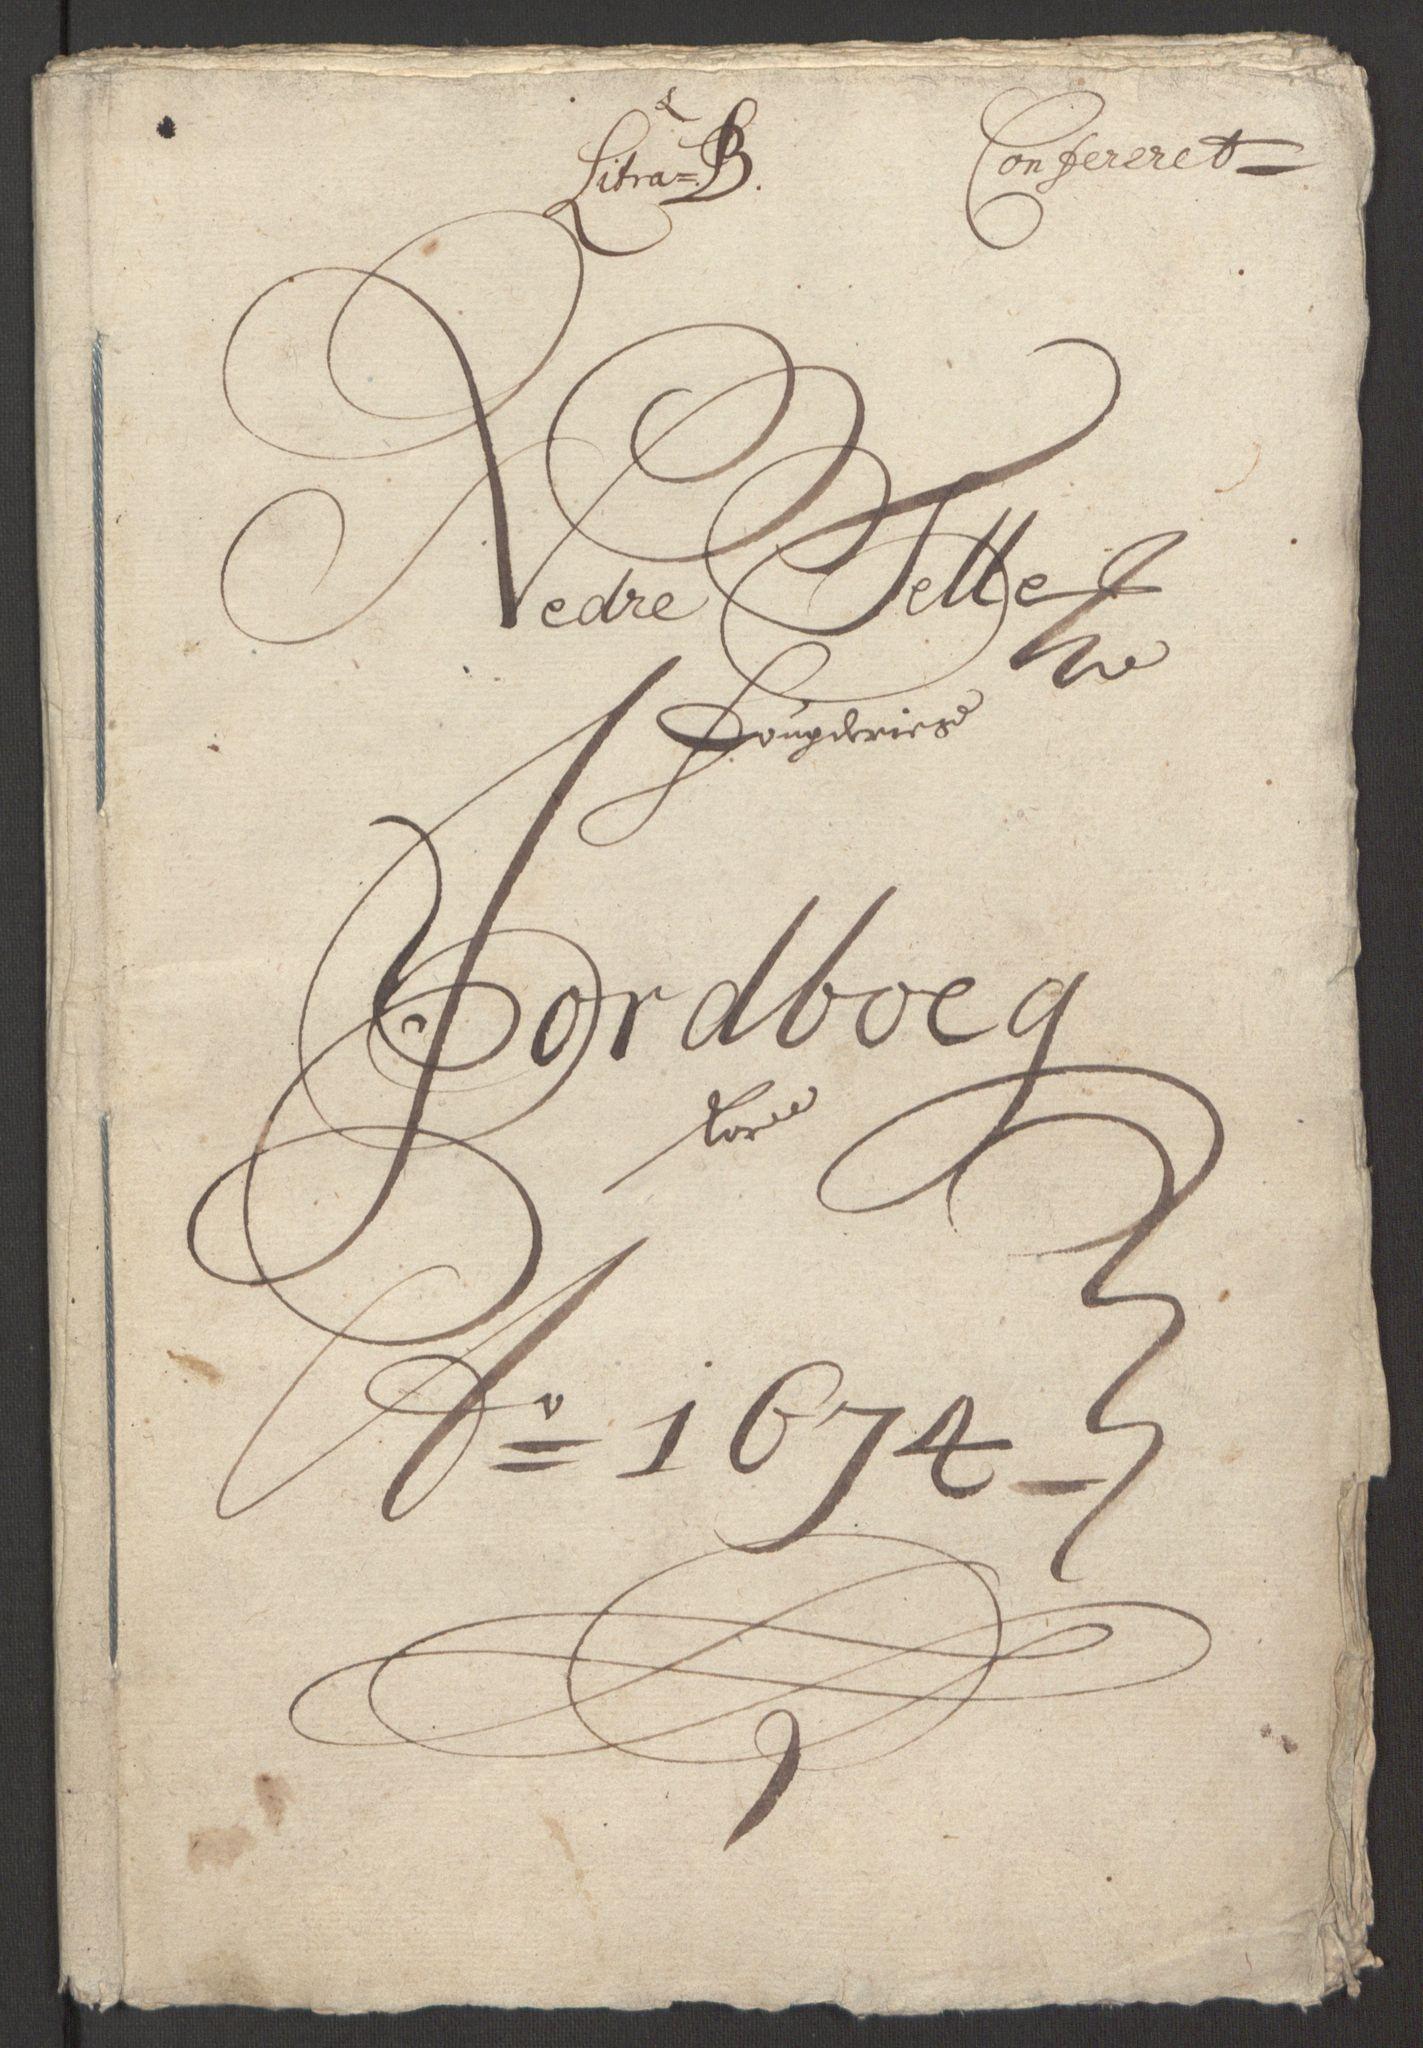 RA, Rentekammeret inntil 1814, Reviderte regnskaper, Fogderegnskap, R35/L2061: Fogderegnskap Øvre og Nedre Telemark, 1673-1674, s. 41